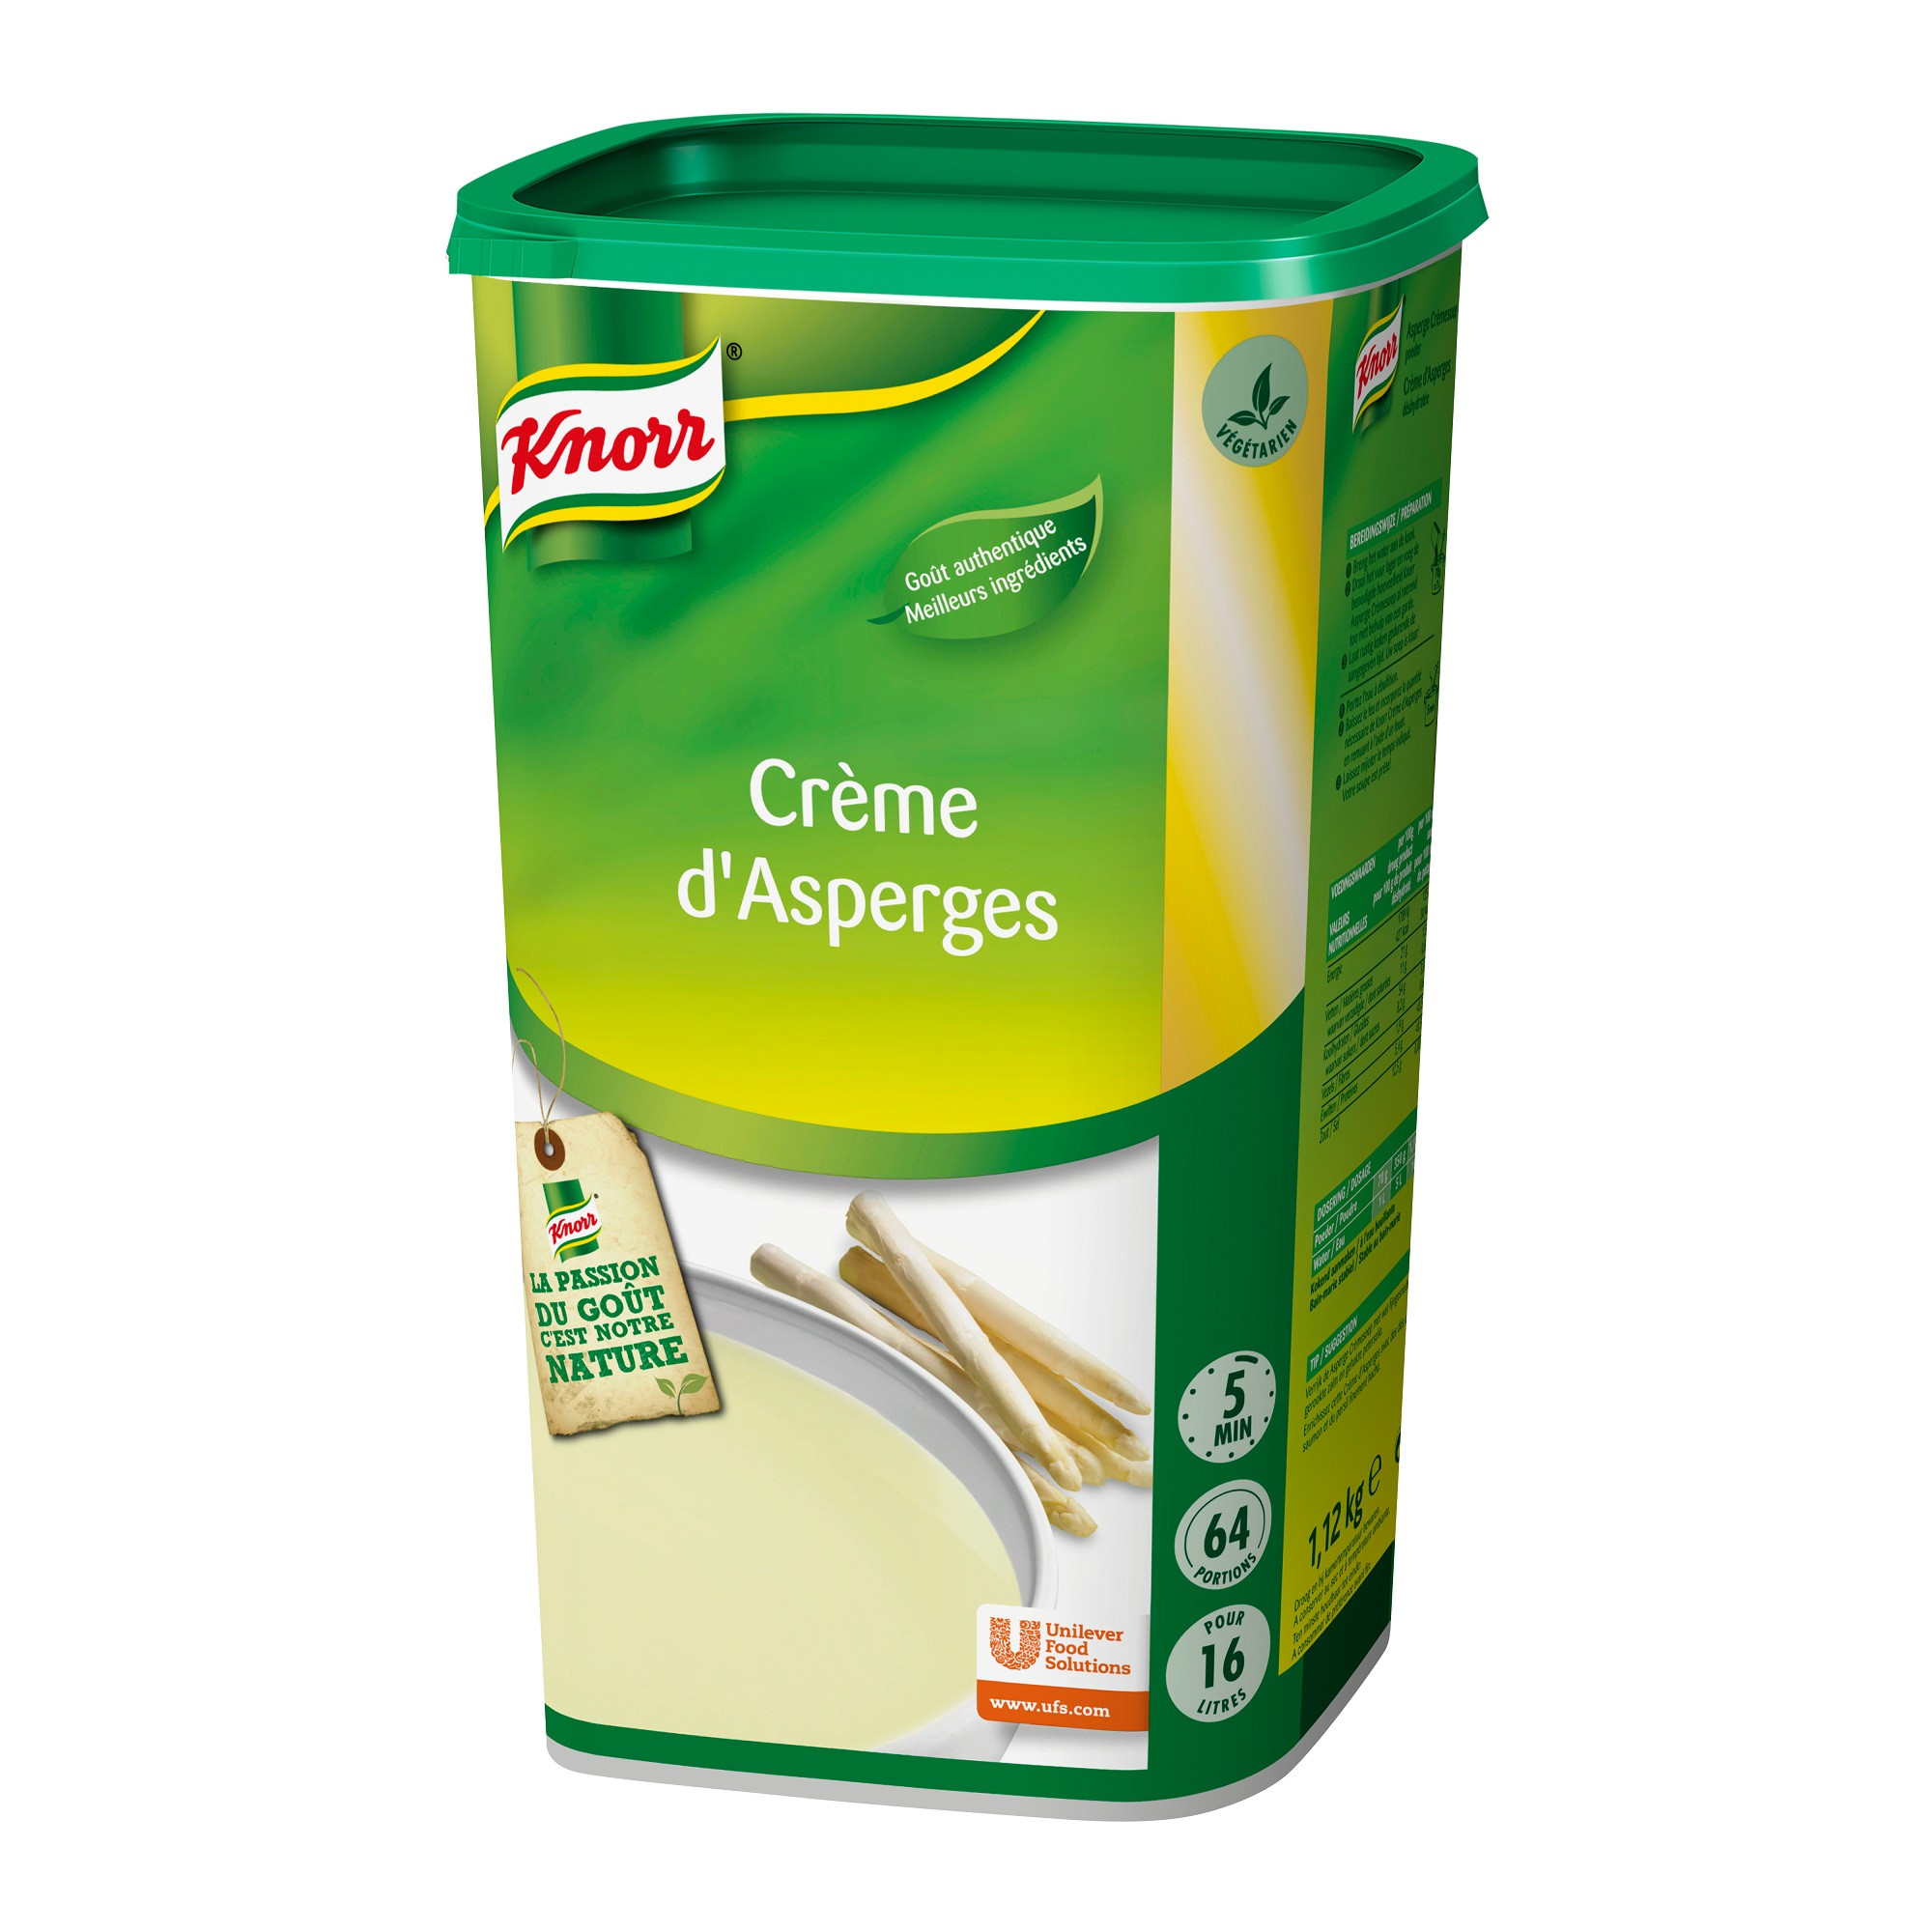 Knorr potage creme d'asperges 1.37kg Soupe de tous les Jours